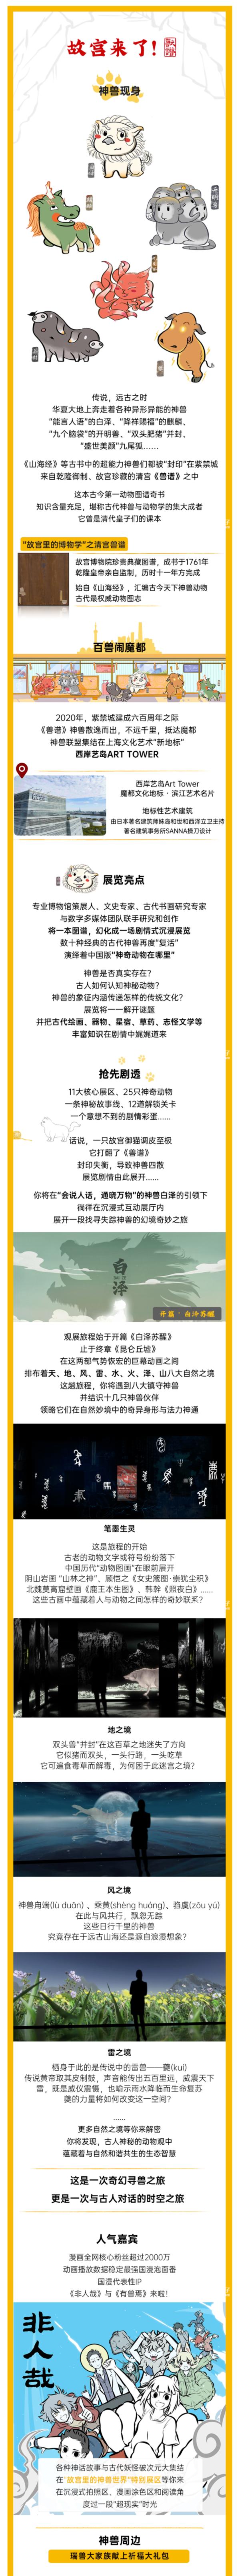 故宫来了!神兽集结魔都文华地标!上海《故宫里的神兽展》门票